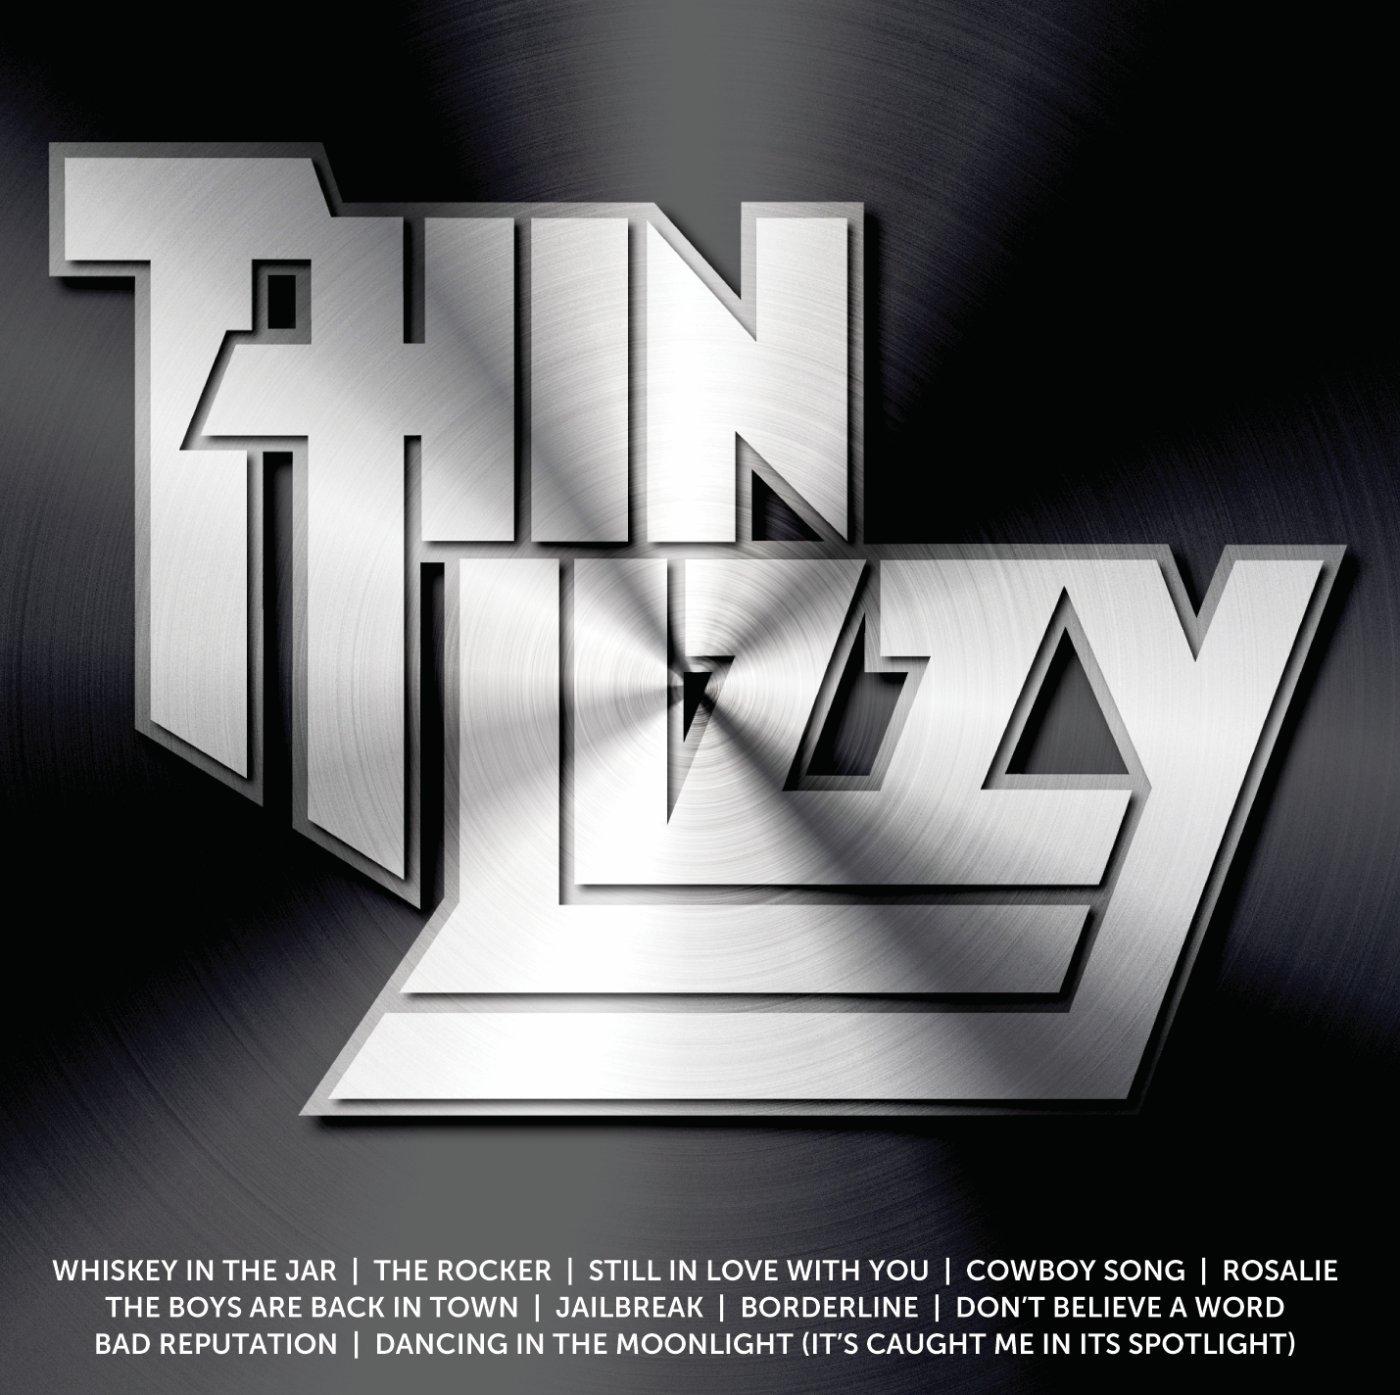 Thin Lizzy Icon Amazon Music